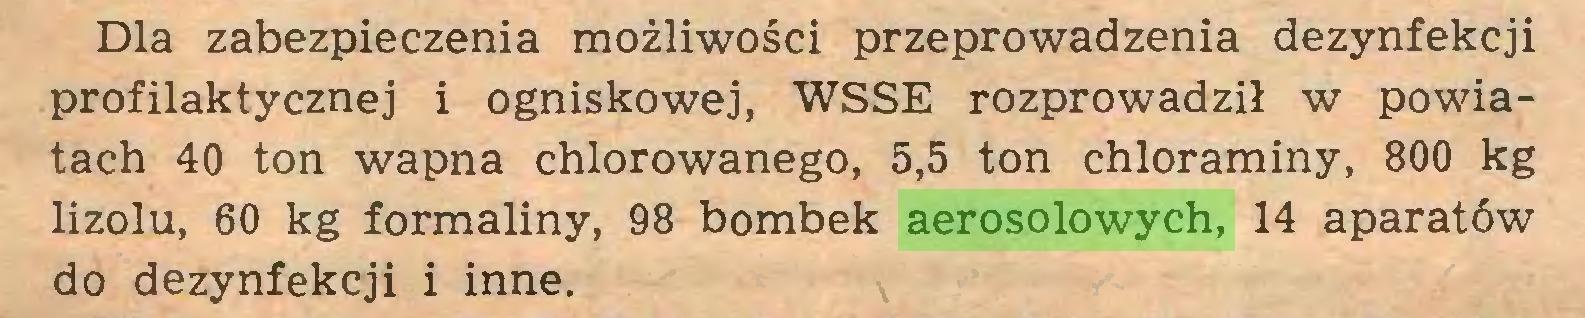 (...) Dla zabezpieczenia możliwości przeprowadzenia dezynfekcji profilaktycznej i ogniskowej, WSSE rozprowadził w powiatach 40 ton wapna chlorowanego, 5,5 ton chloraminy, 800 kg lizolu, 60 kg formaliny, 98 bombek aerosolowych, 14 aparatów do dezynfekcji i inne...